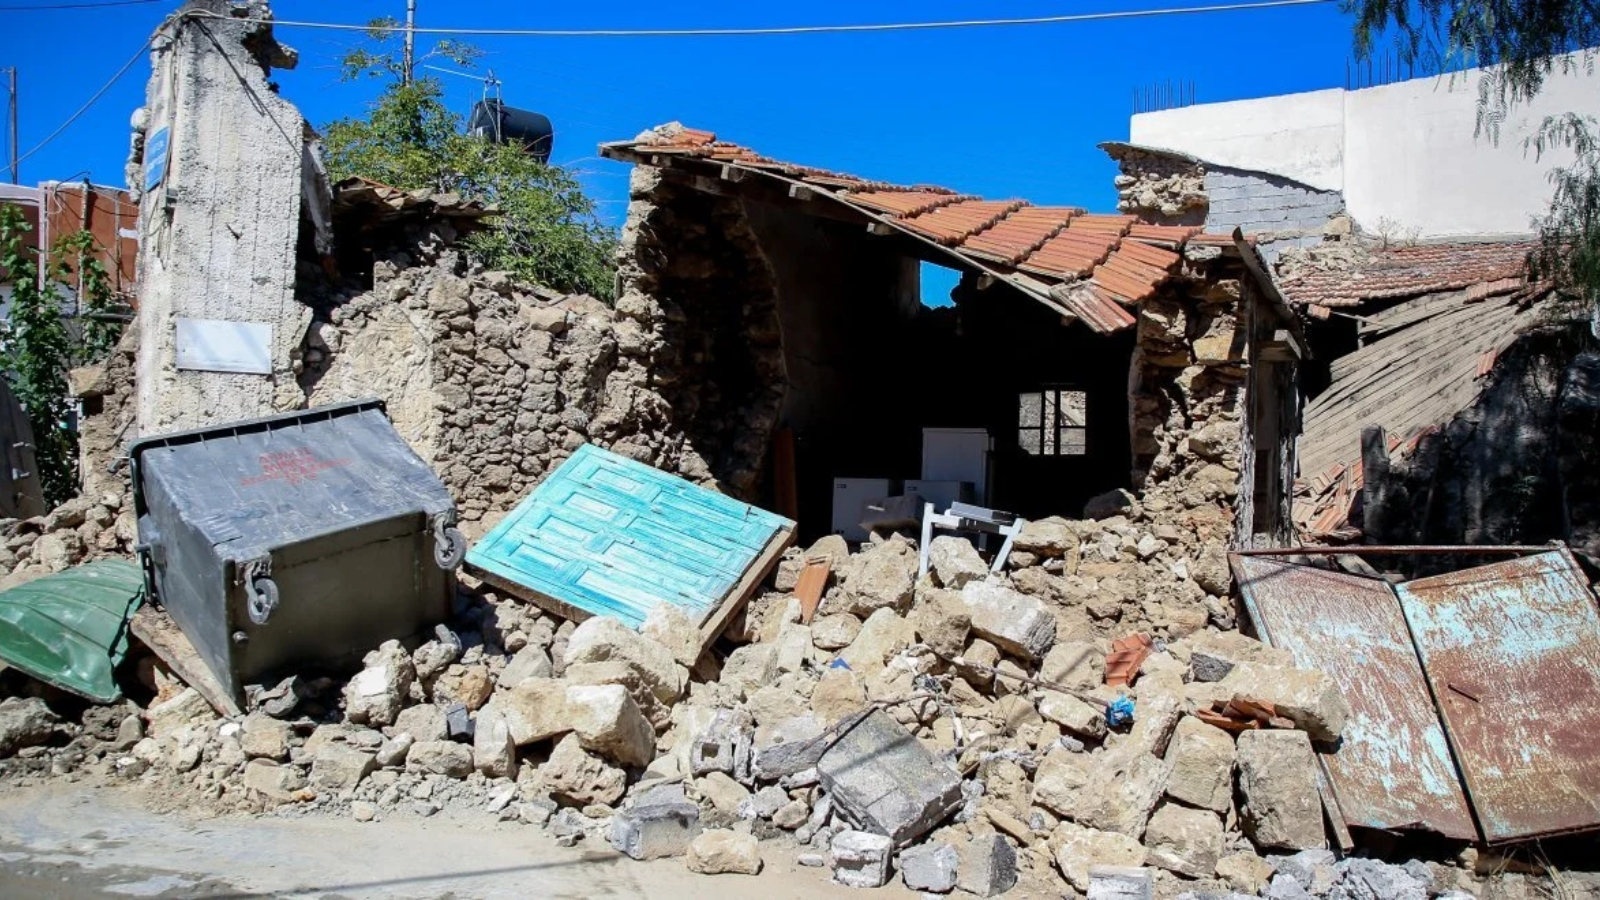 Κρήτη: 2.500 σκηνές για σεισμόπληκτους - Σε κατάσταση έκτακτη ανάγκης η περιοχή